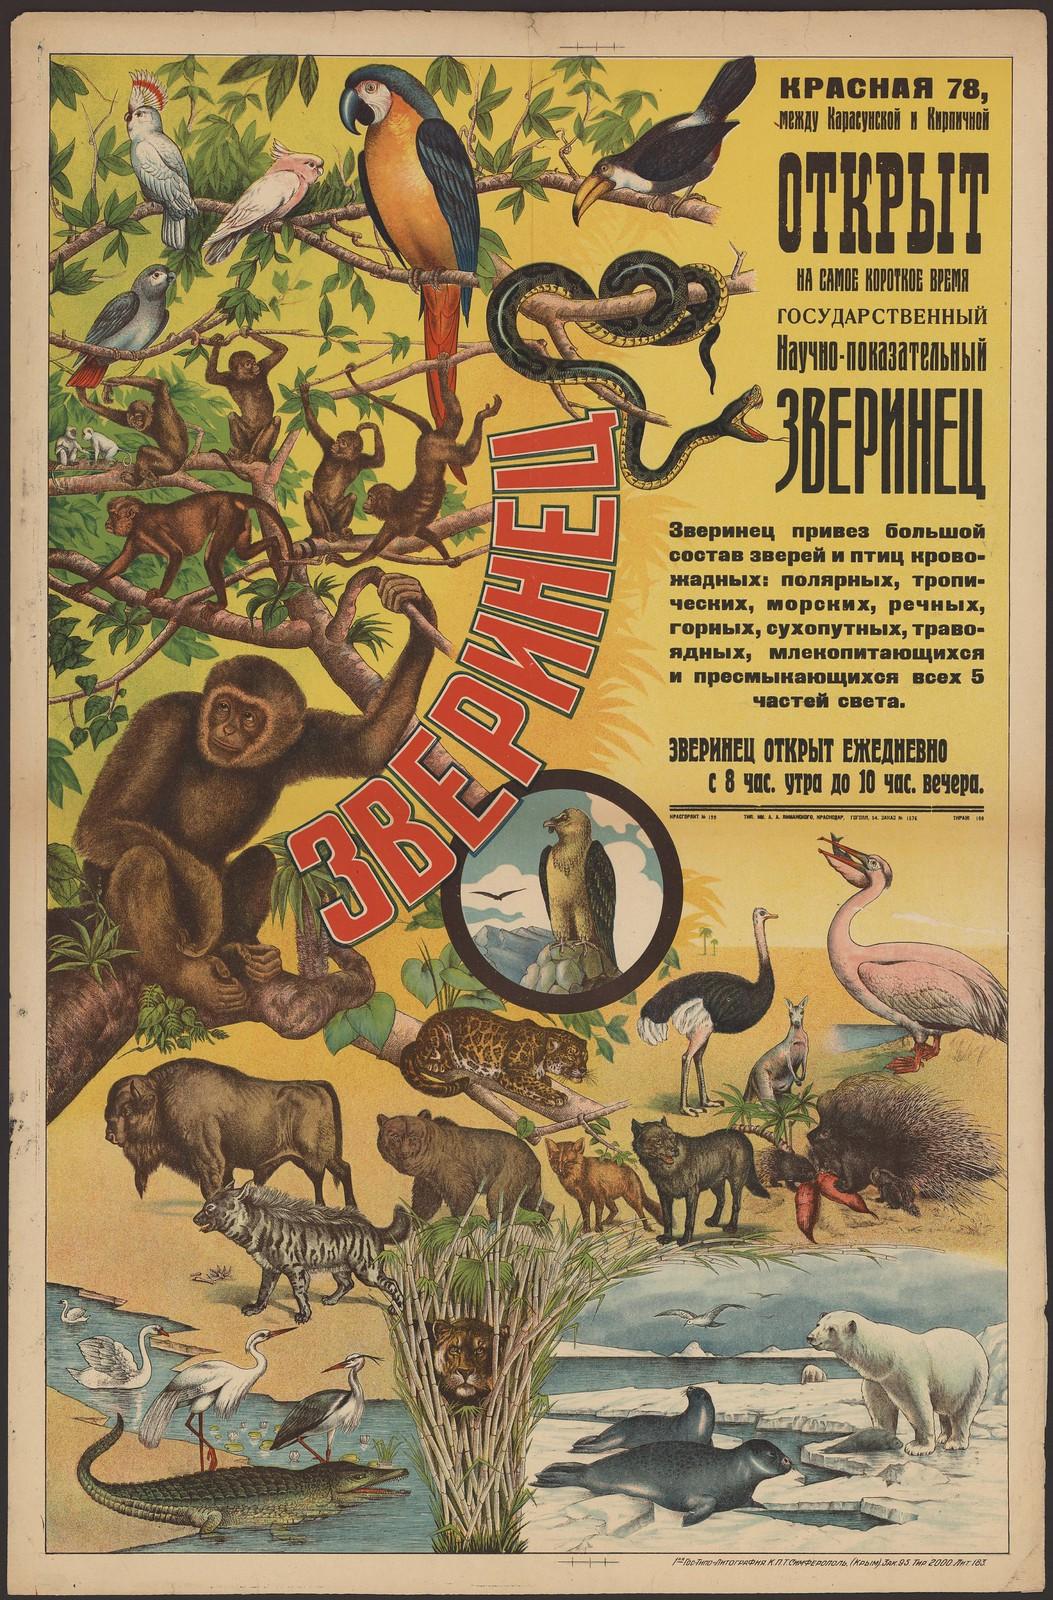 1931. Зверинец (... открыт на самое короткое время государственный Научно-показательный зверинец)